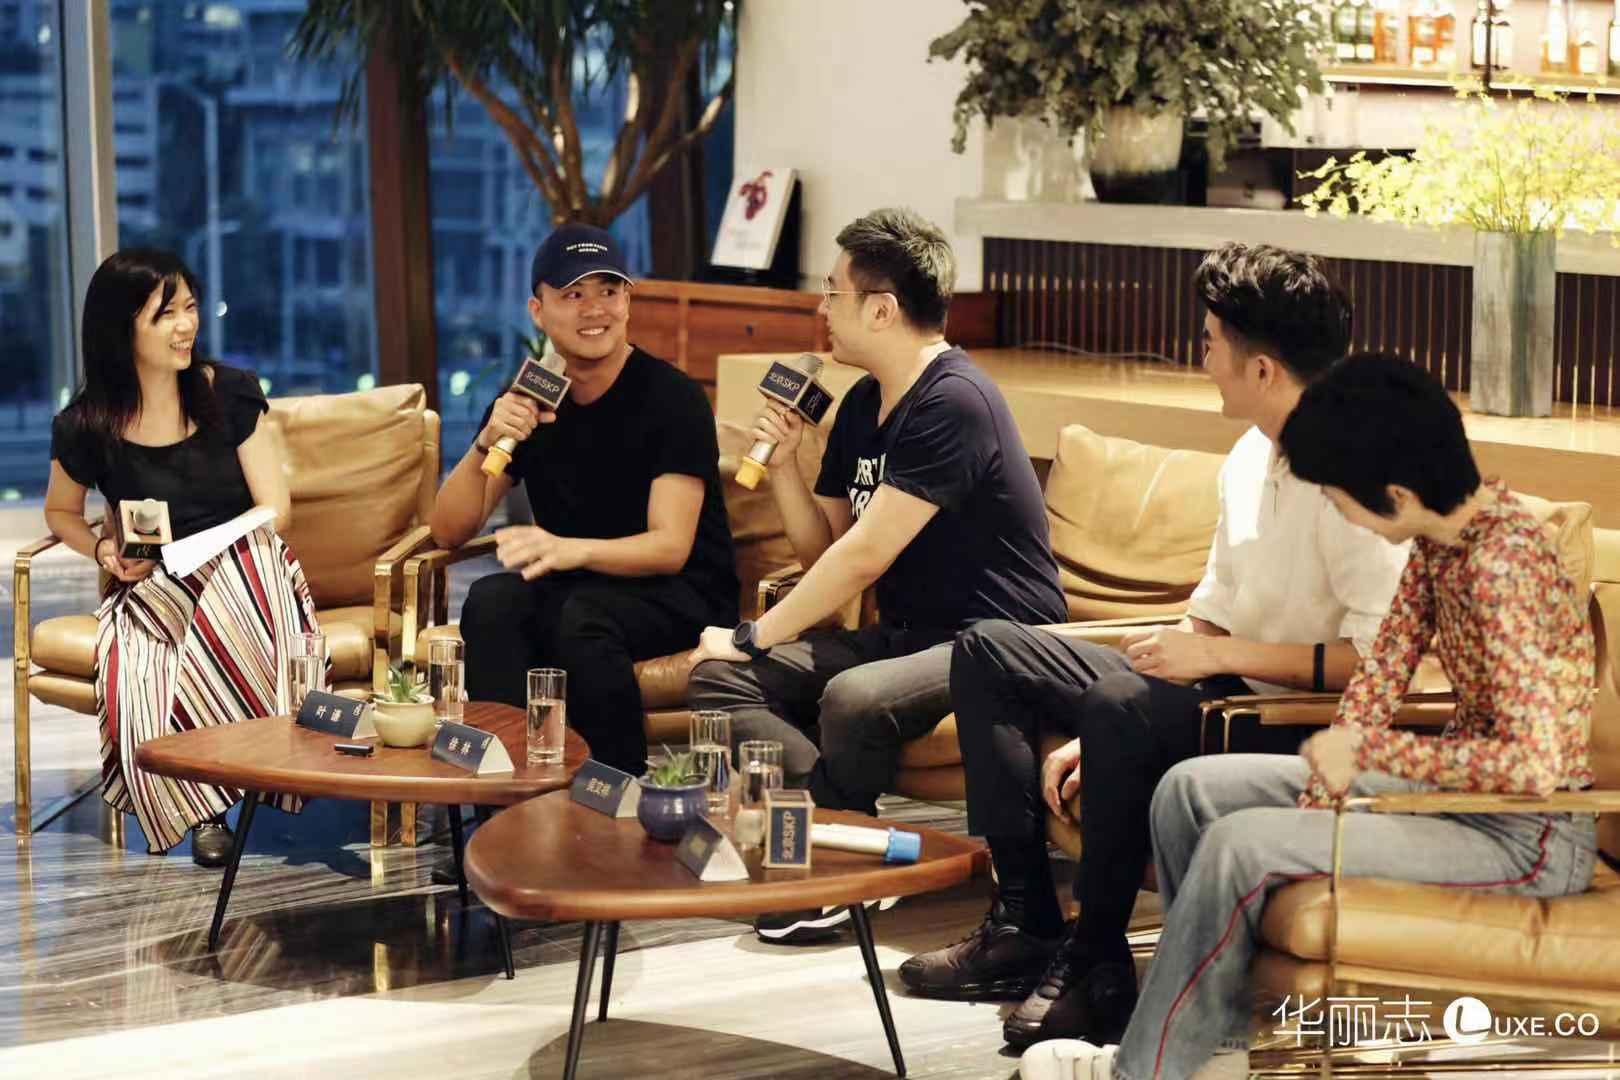 不拍电影,我真的会死掉!时装设计师叶谦携团队做客【华丽Talk】畅谈《蕃薯浇米》的创作幕后